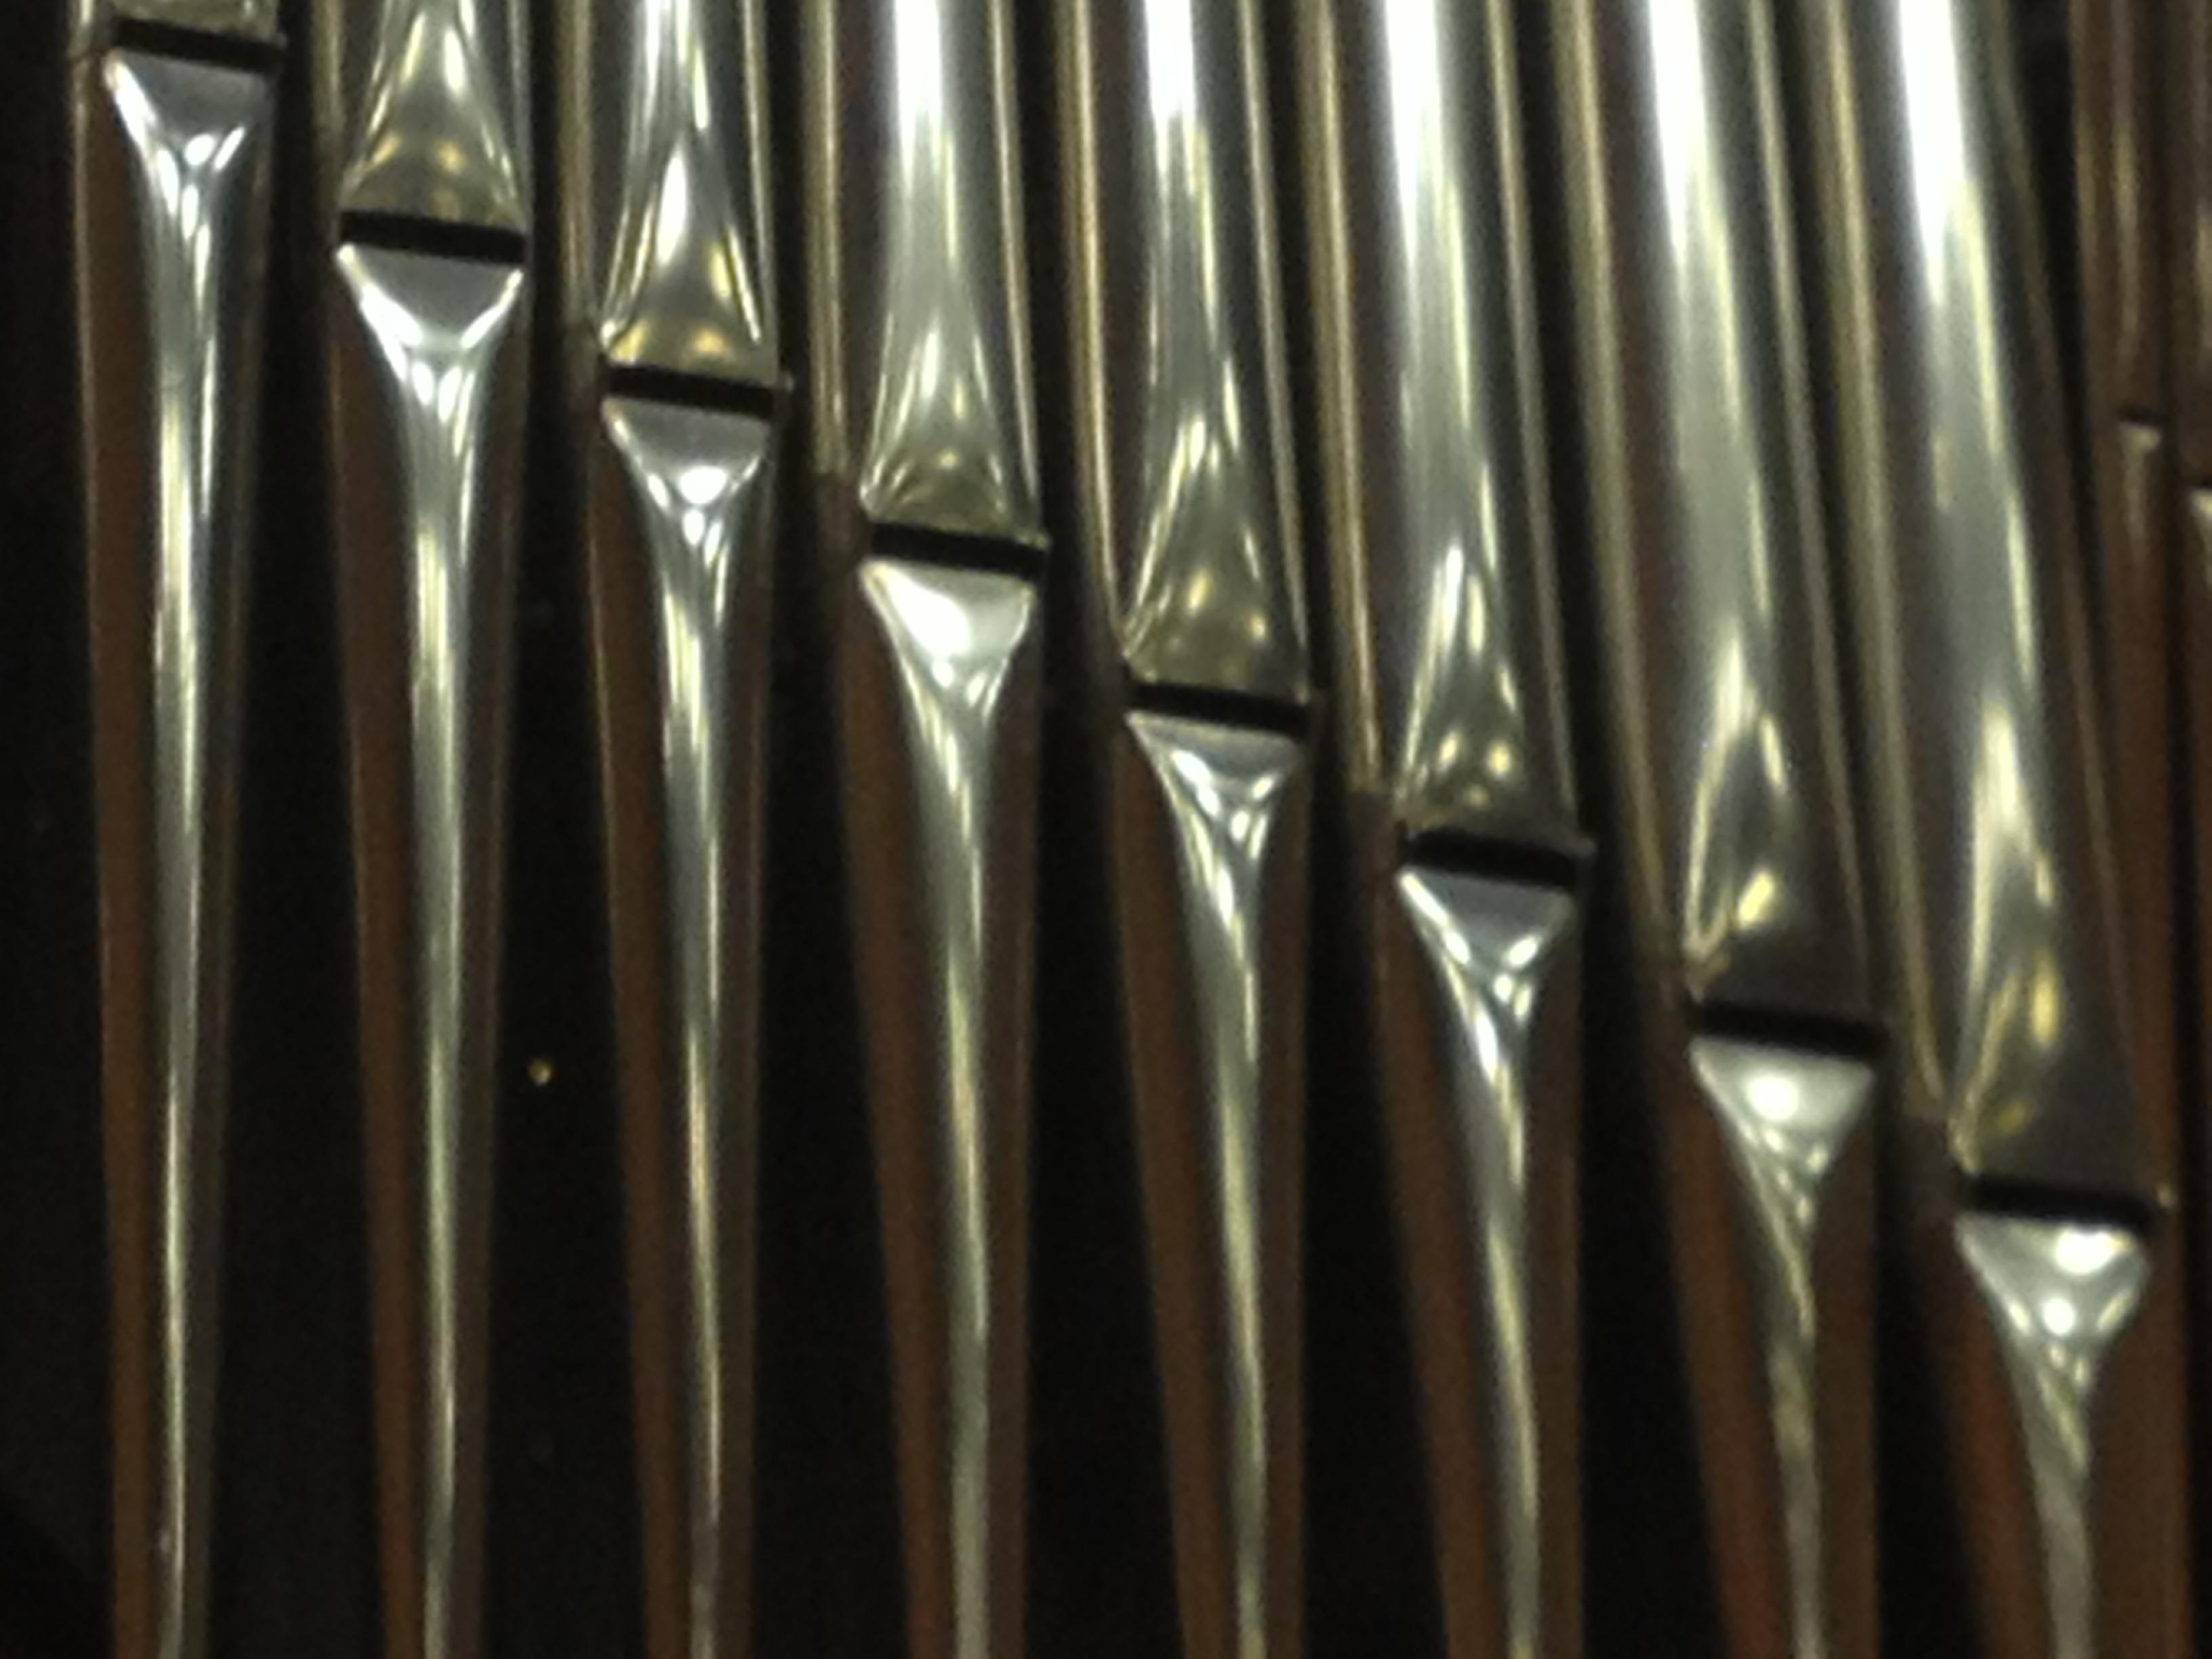 Orgel pipor